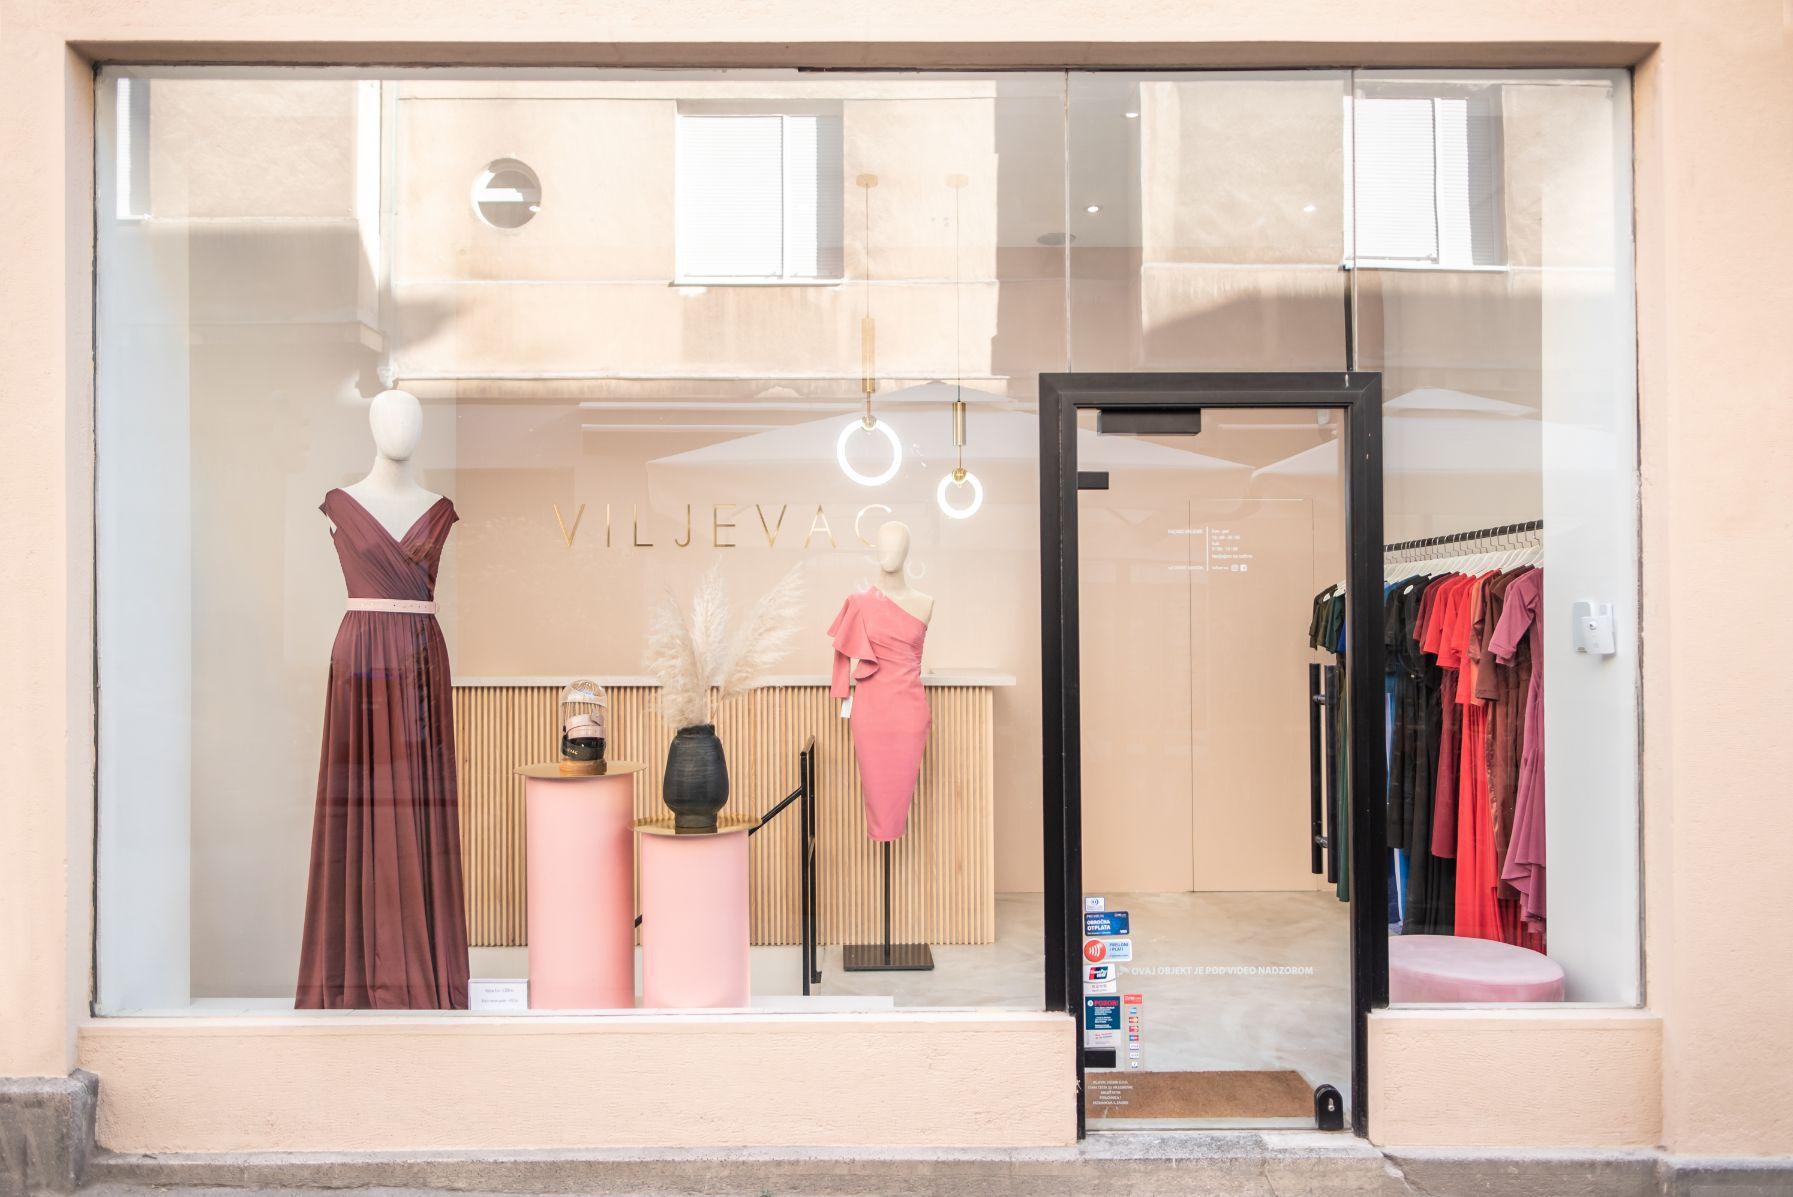 Dizajnerica Diana Viljevac otvorila prvu trgovinu u Dežmanovom prolazu